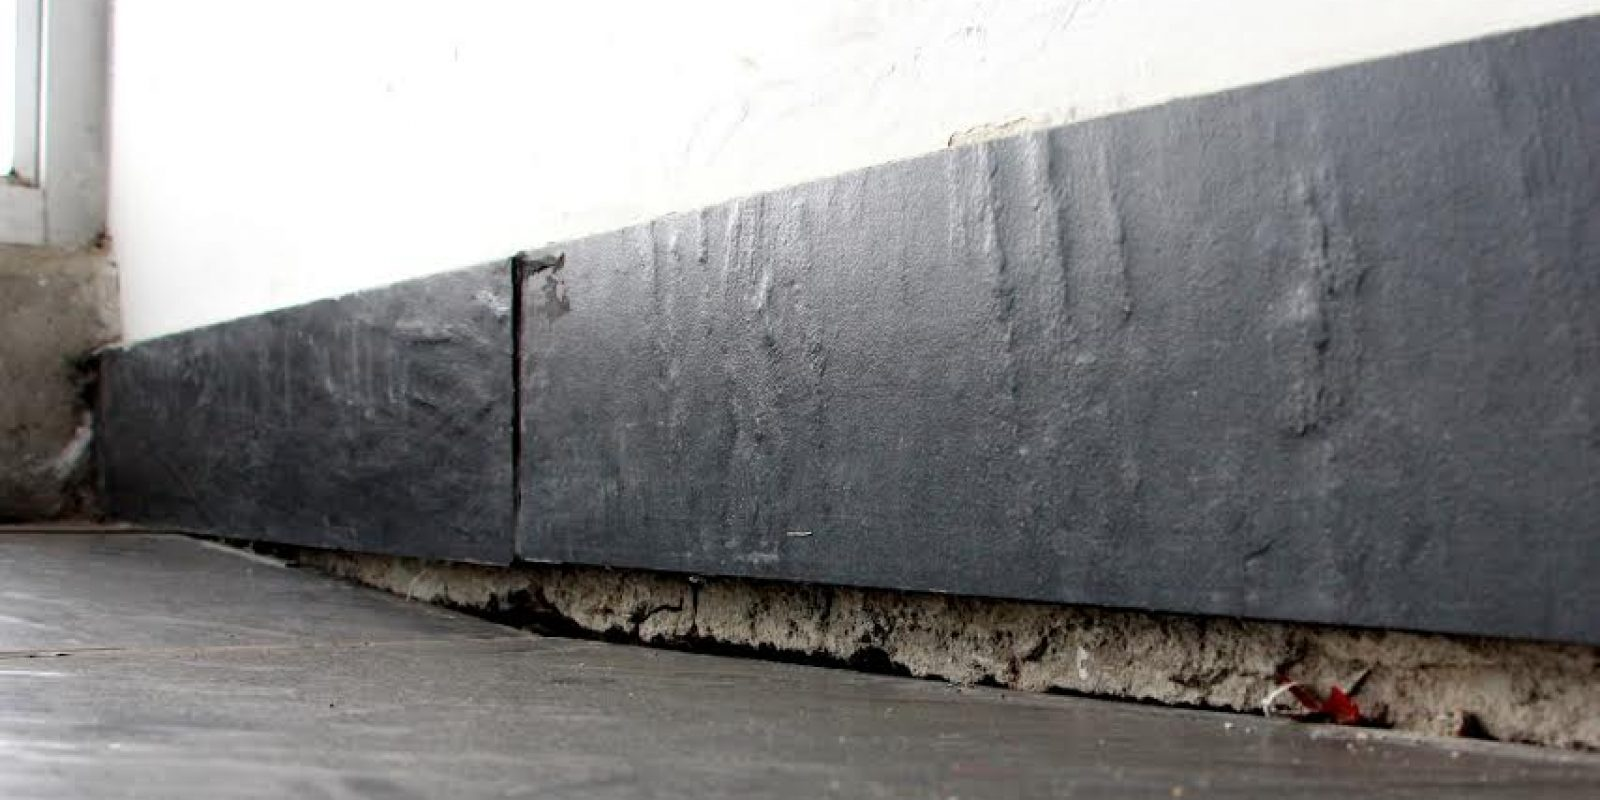 terminal menga muro